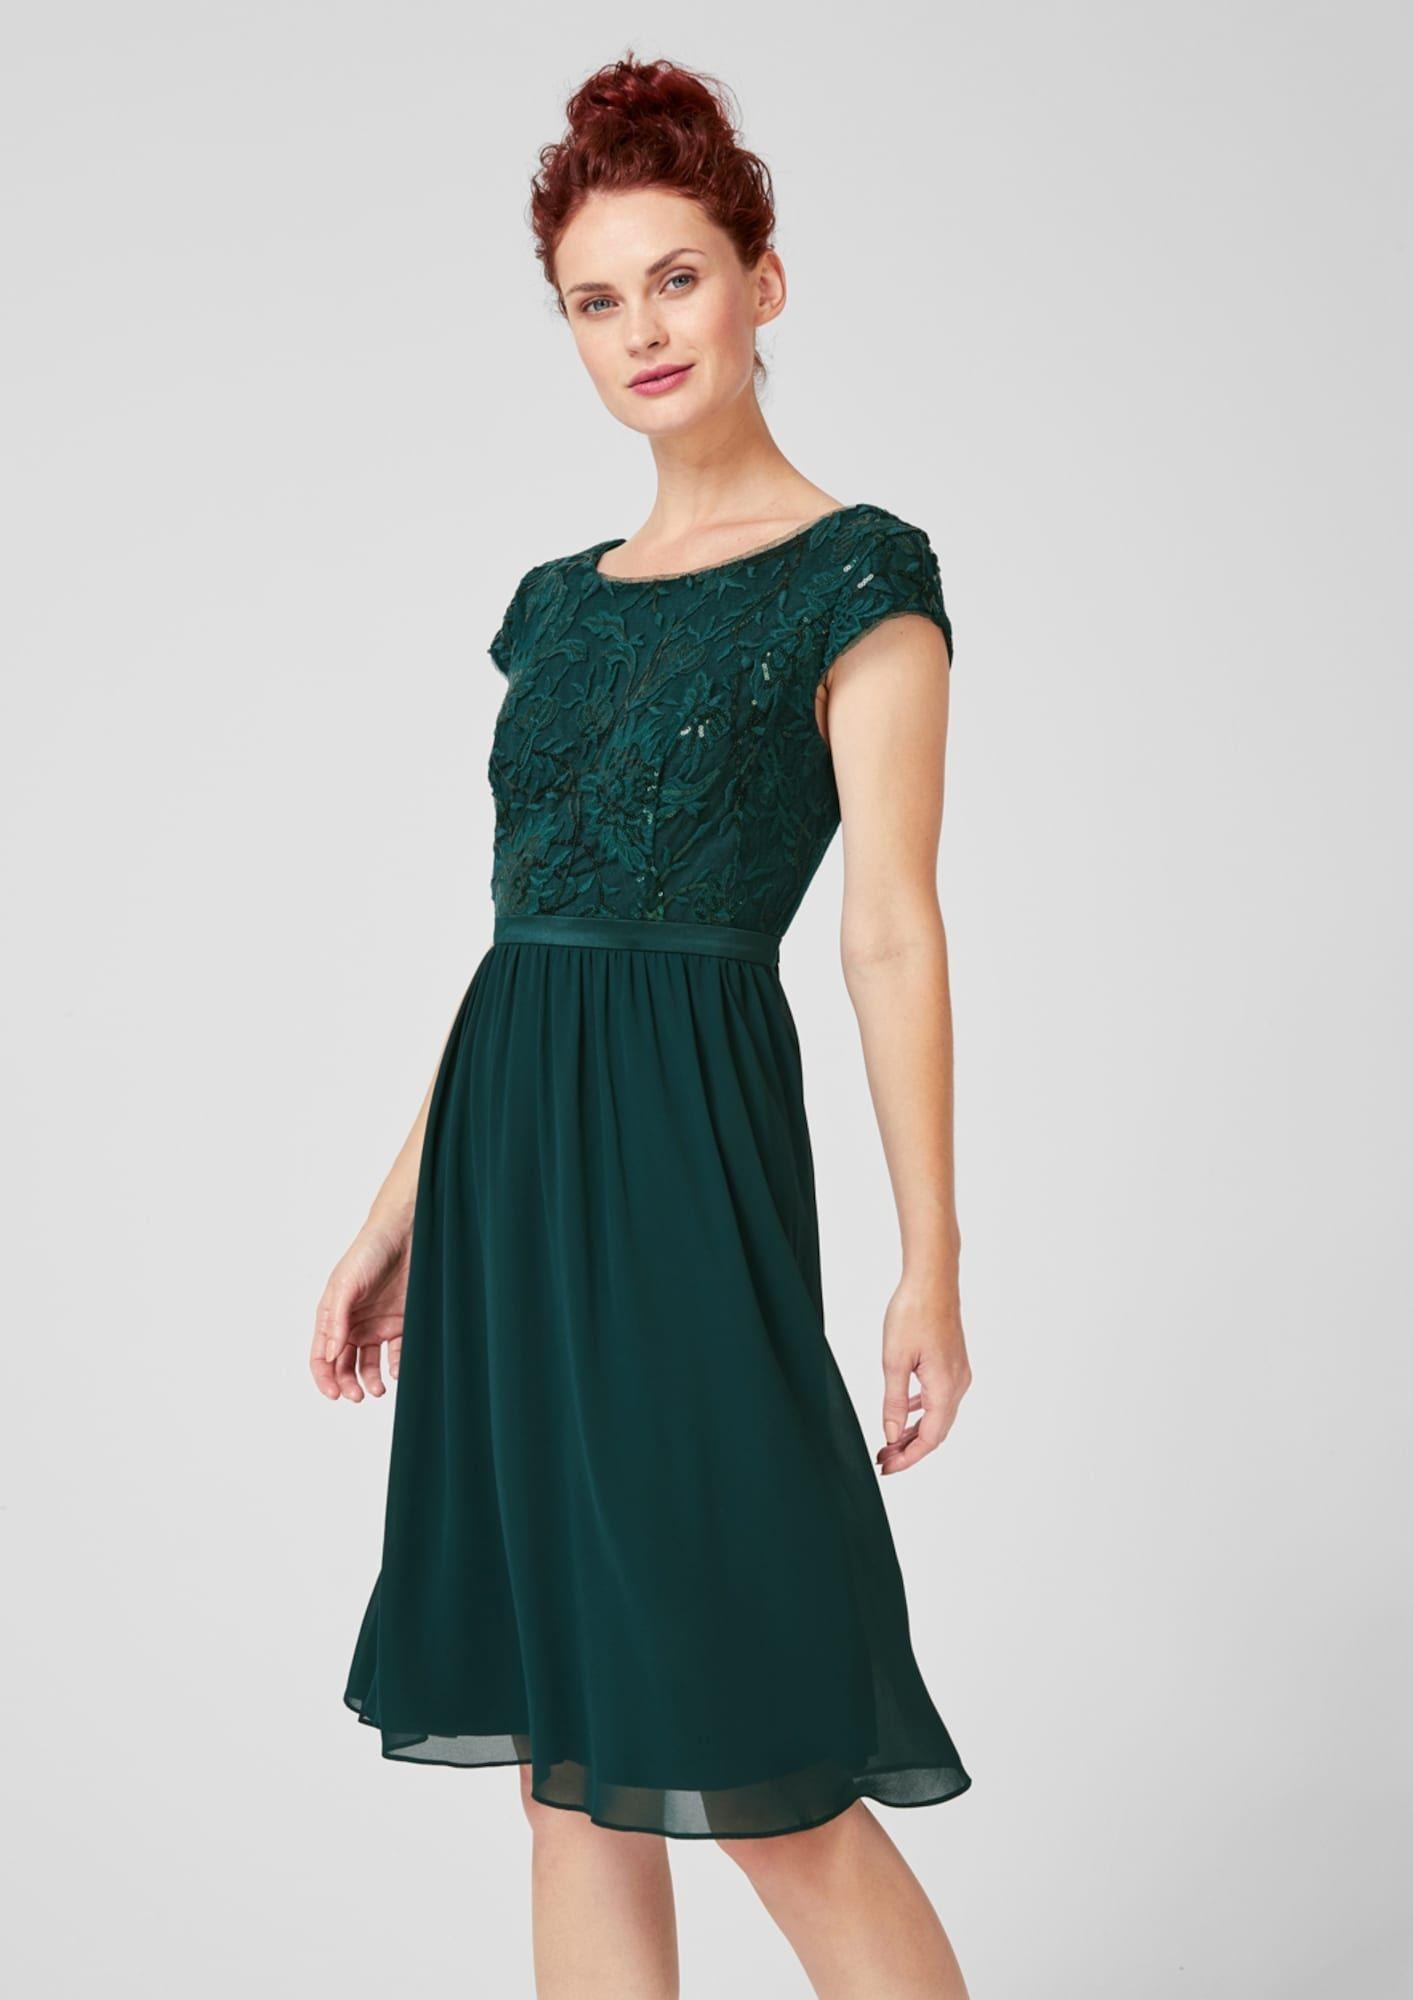 S.Oliver BLACK LABEL Kleid Damen, Dunkelgrün, Größe 4  Kleid